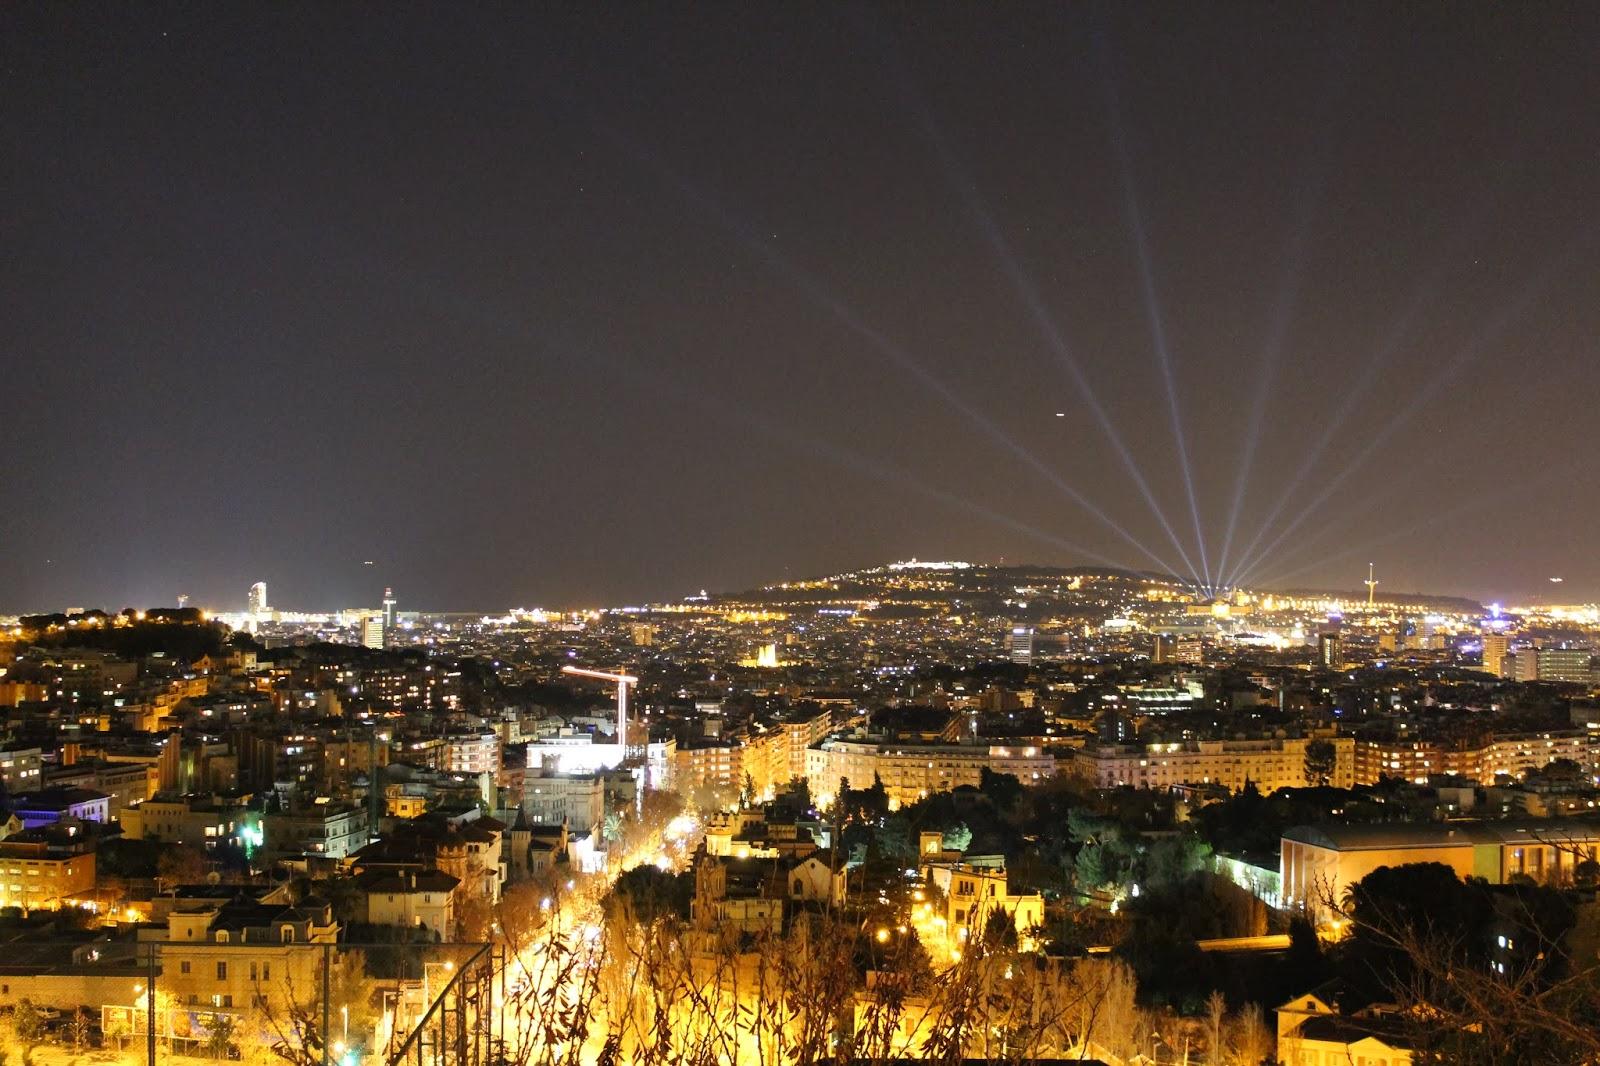 Anocher en Barcelona